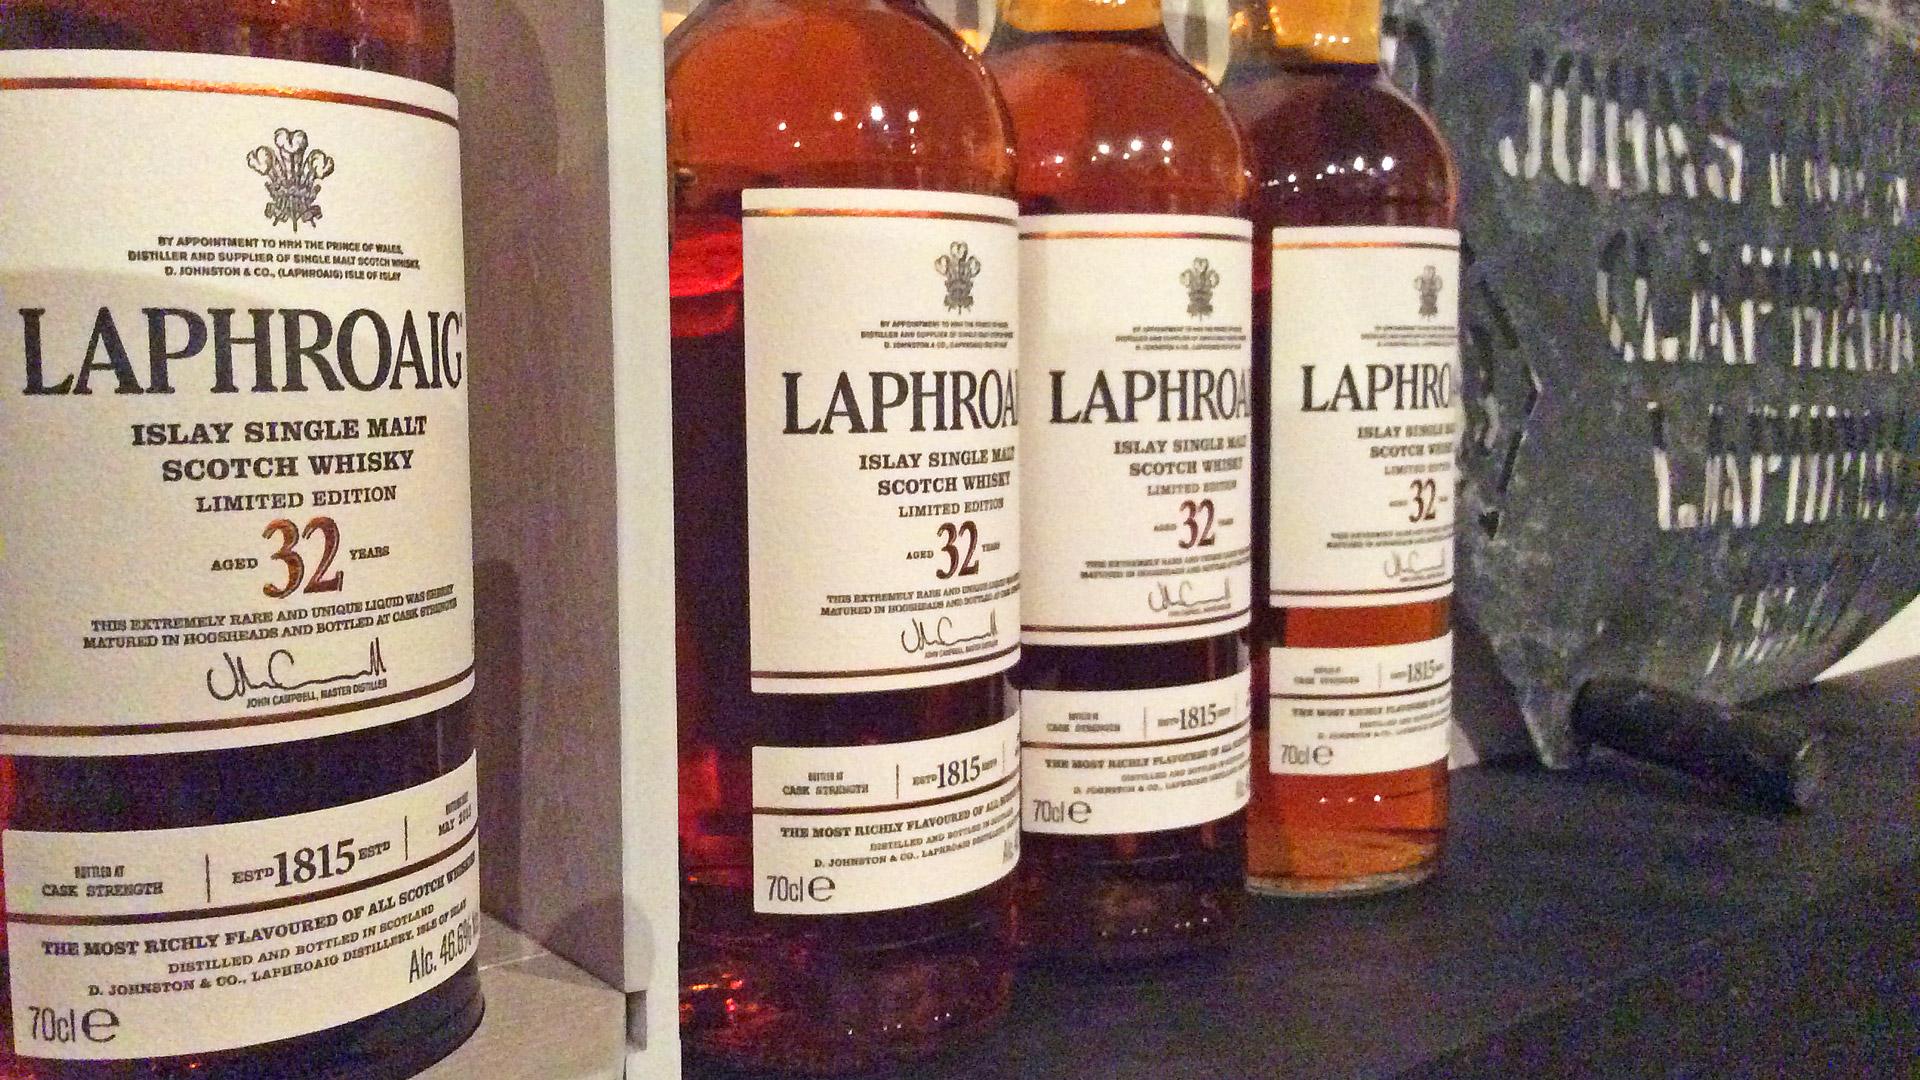 Fein säuberlich aufgereiht: Die Flaschen des Laphroaig 32 Jahre (Foto: Malt Whisky)